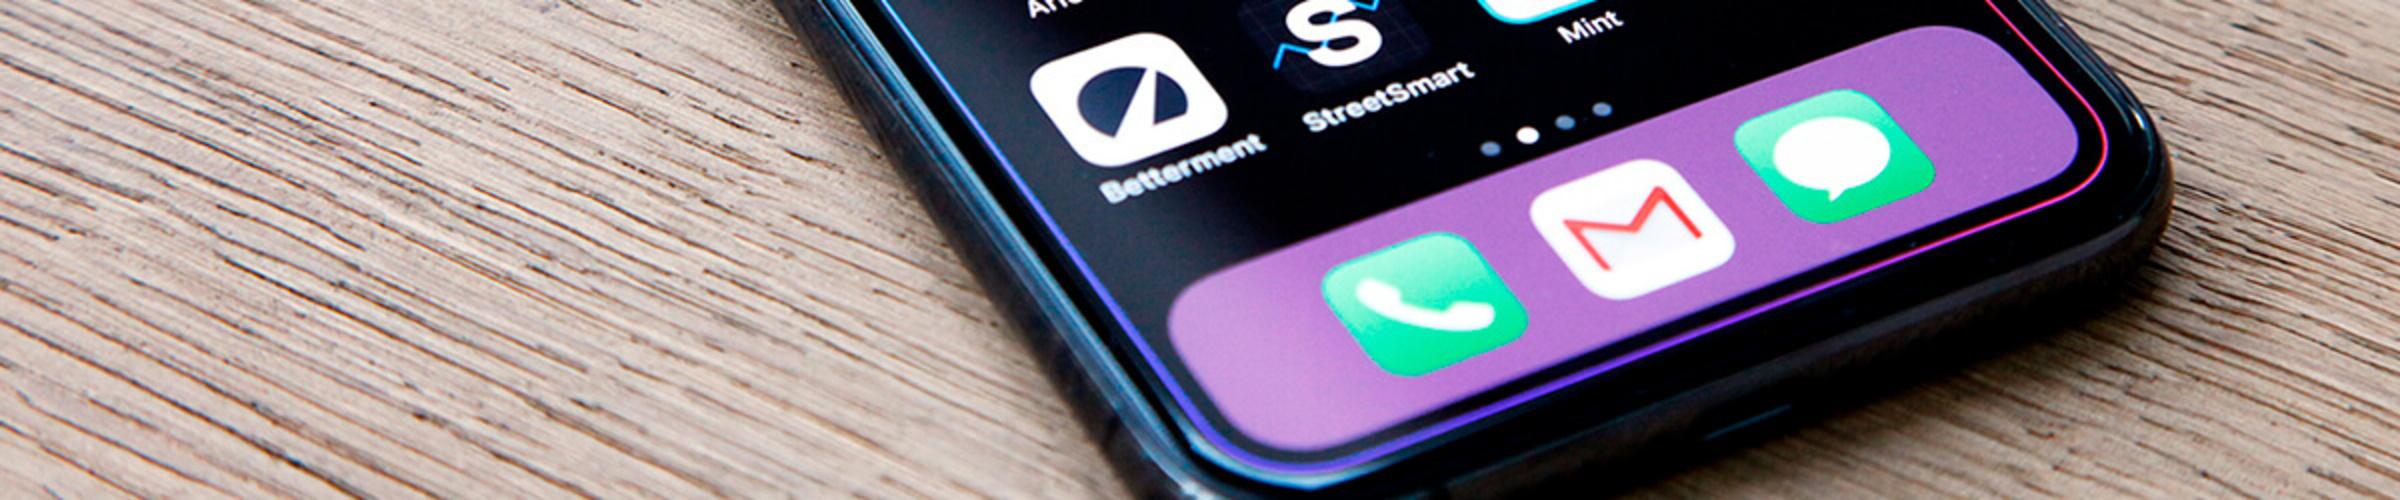 Как скачивать файлы на iPhone из интернета - инструкция